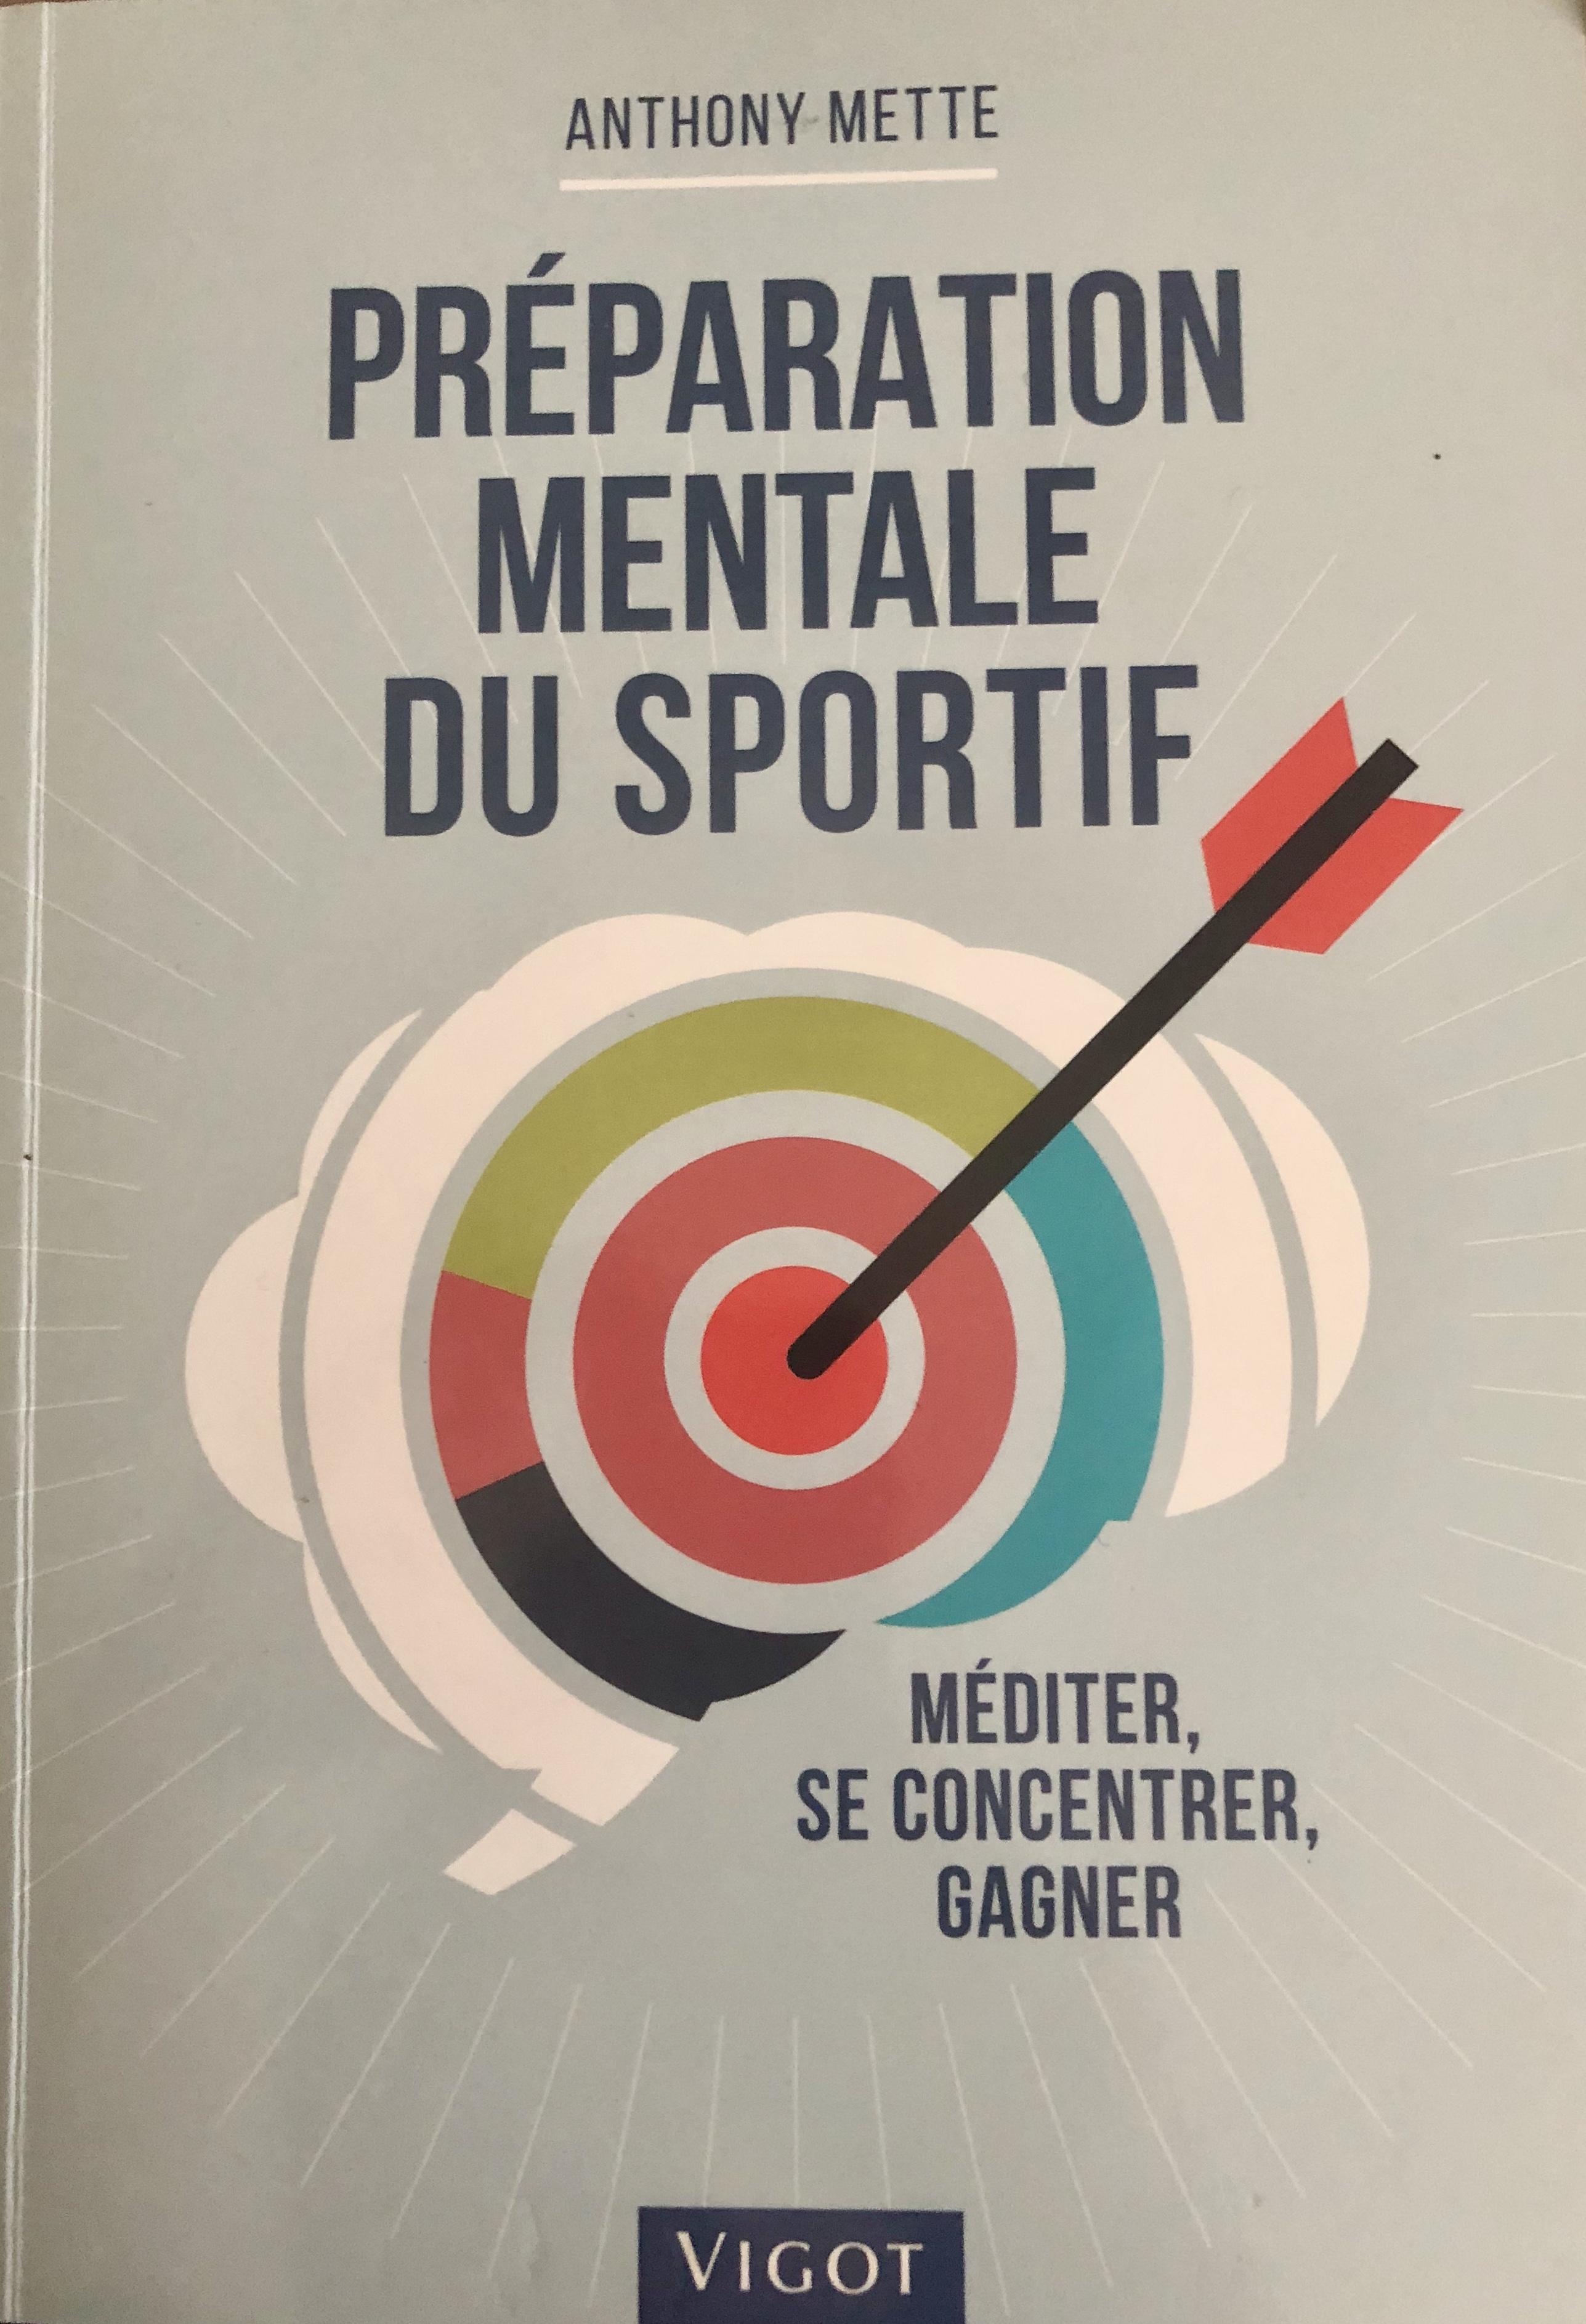 anthony_mette_preparation_mentale_du_sportif3